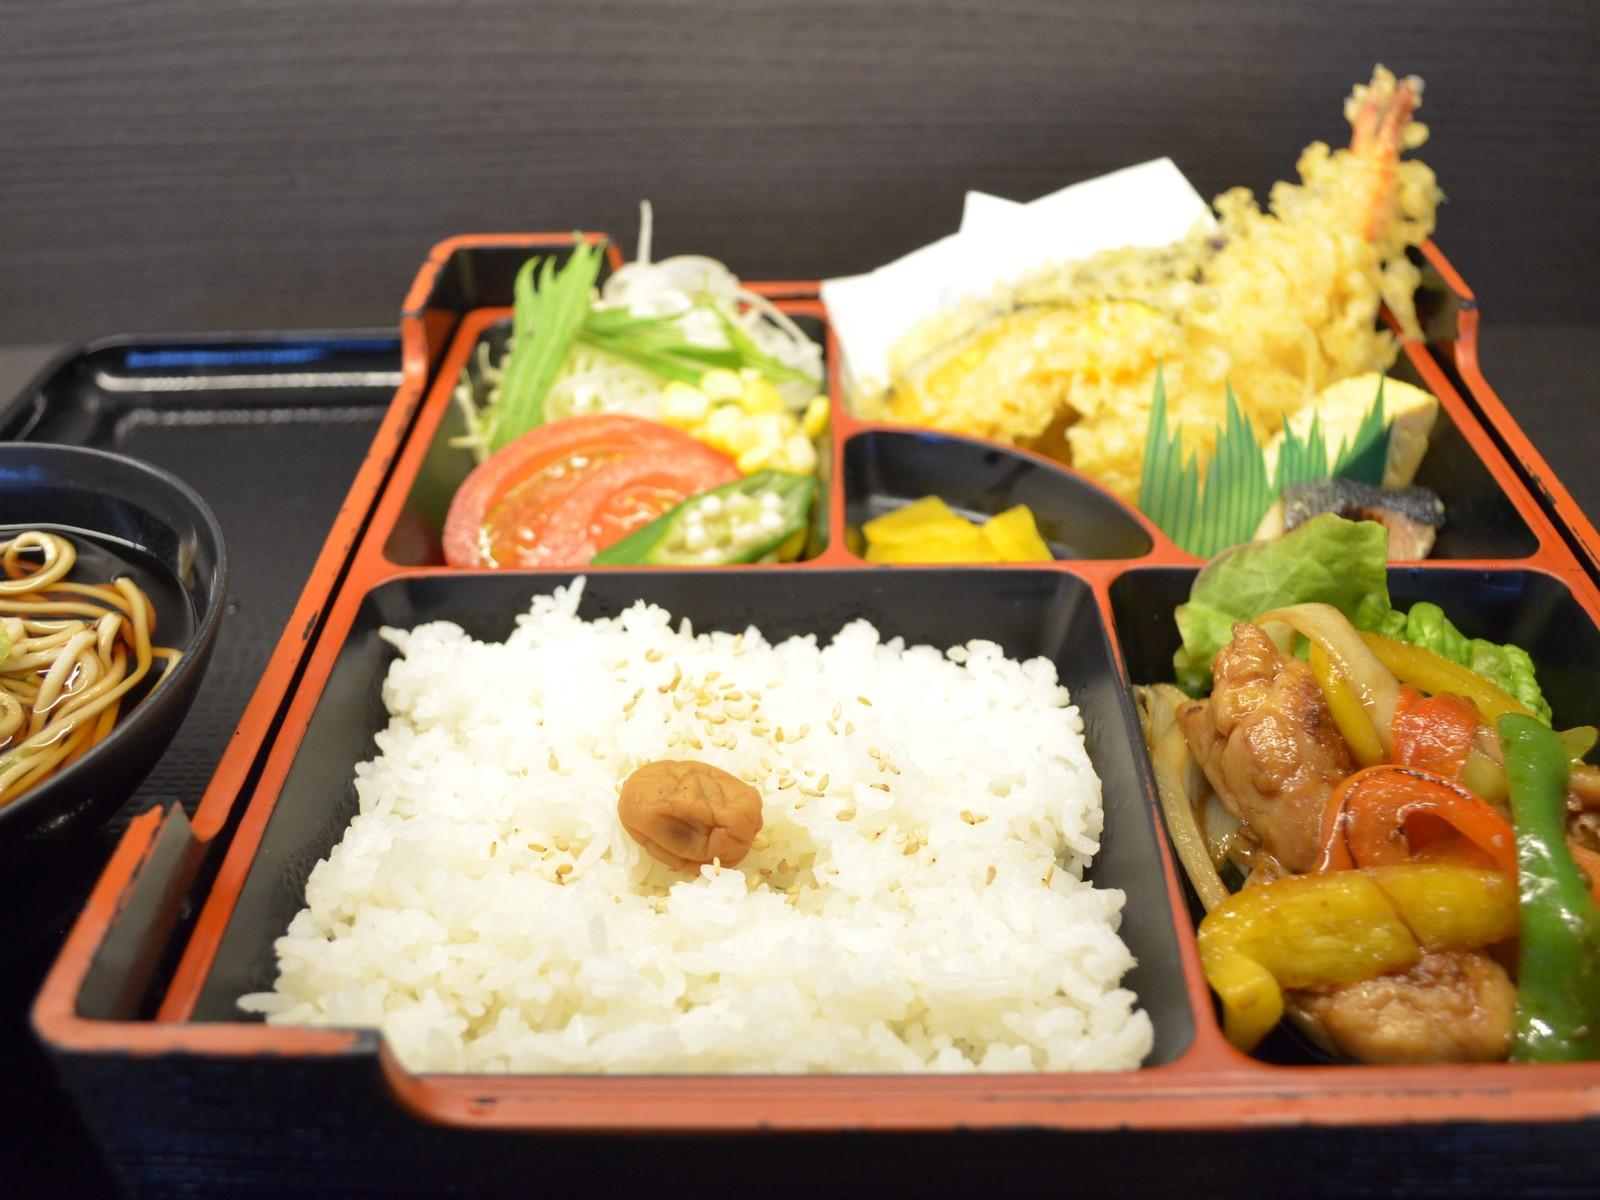 ホテルサンルート札幌 2泊までの方へおすすめ♪【部屋食OKの〈2食付〉と〈駐車場無料〉(車高2.5MまでOK)!のプラン】